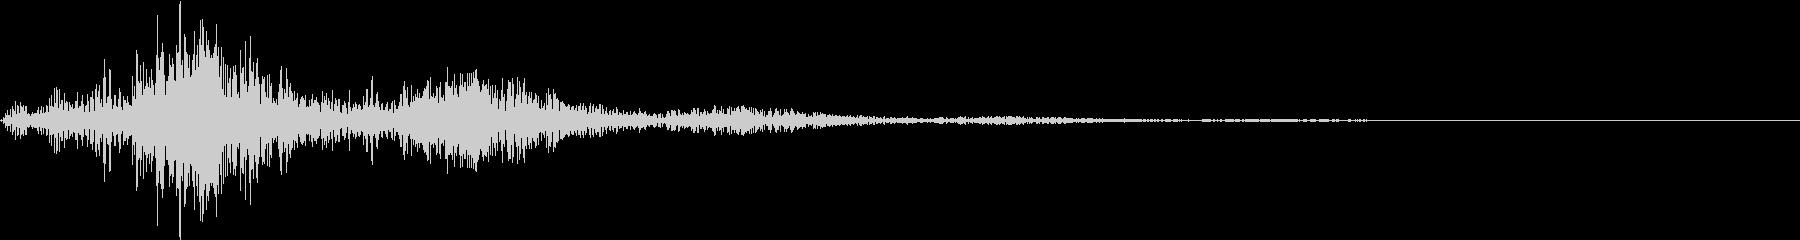 アプリの決定音の未再生の波形